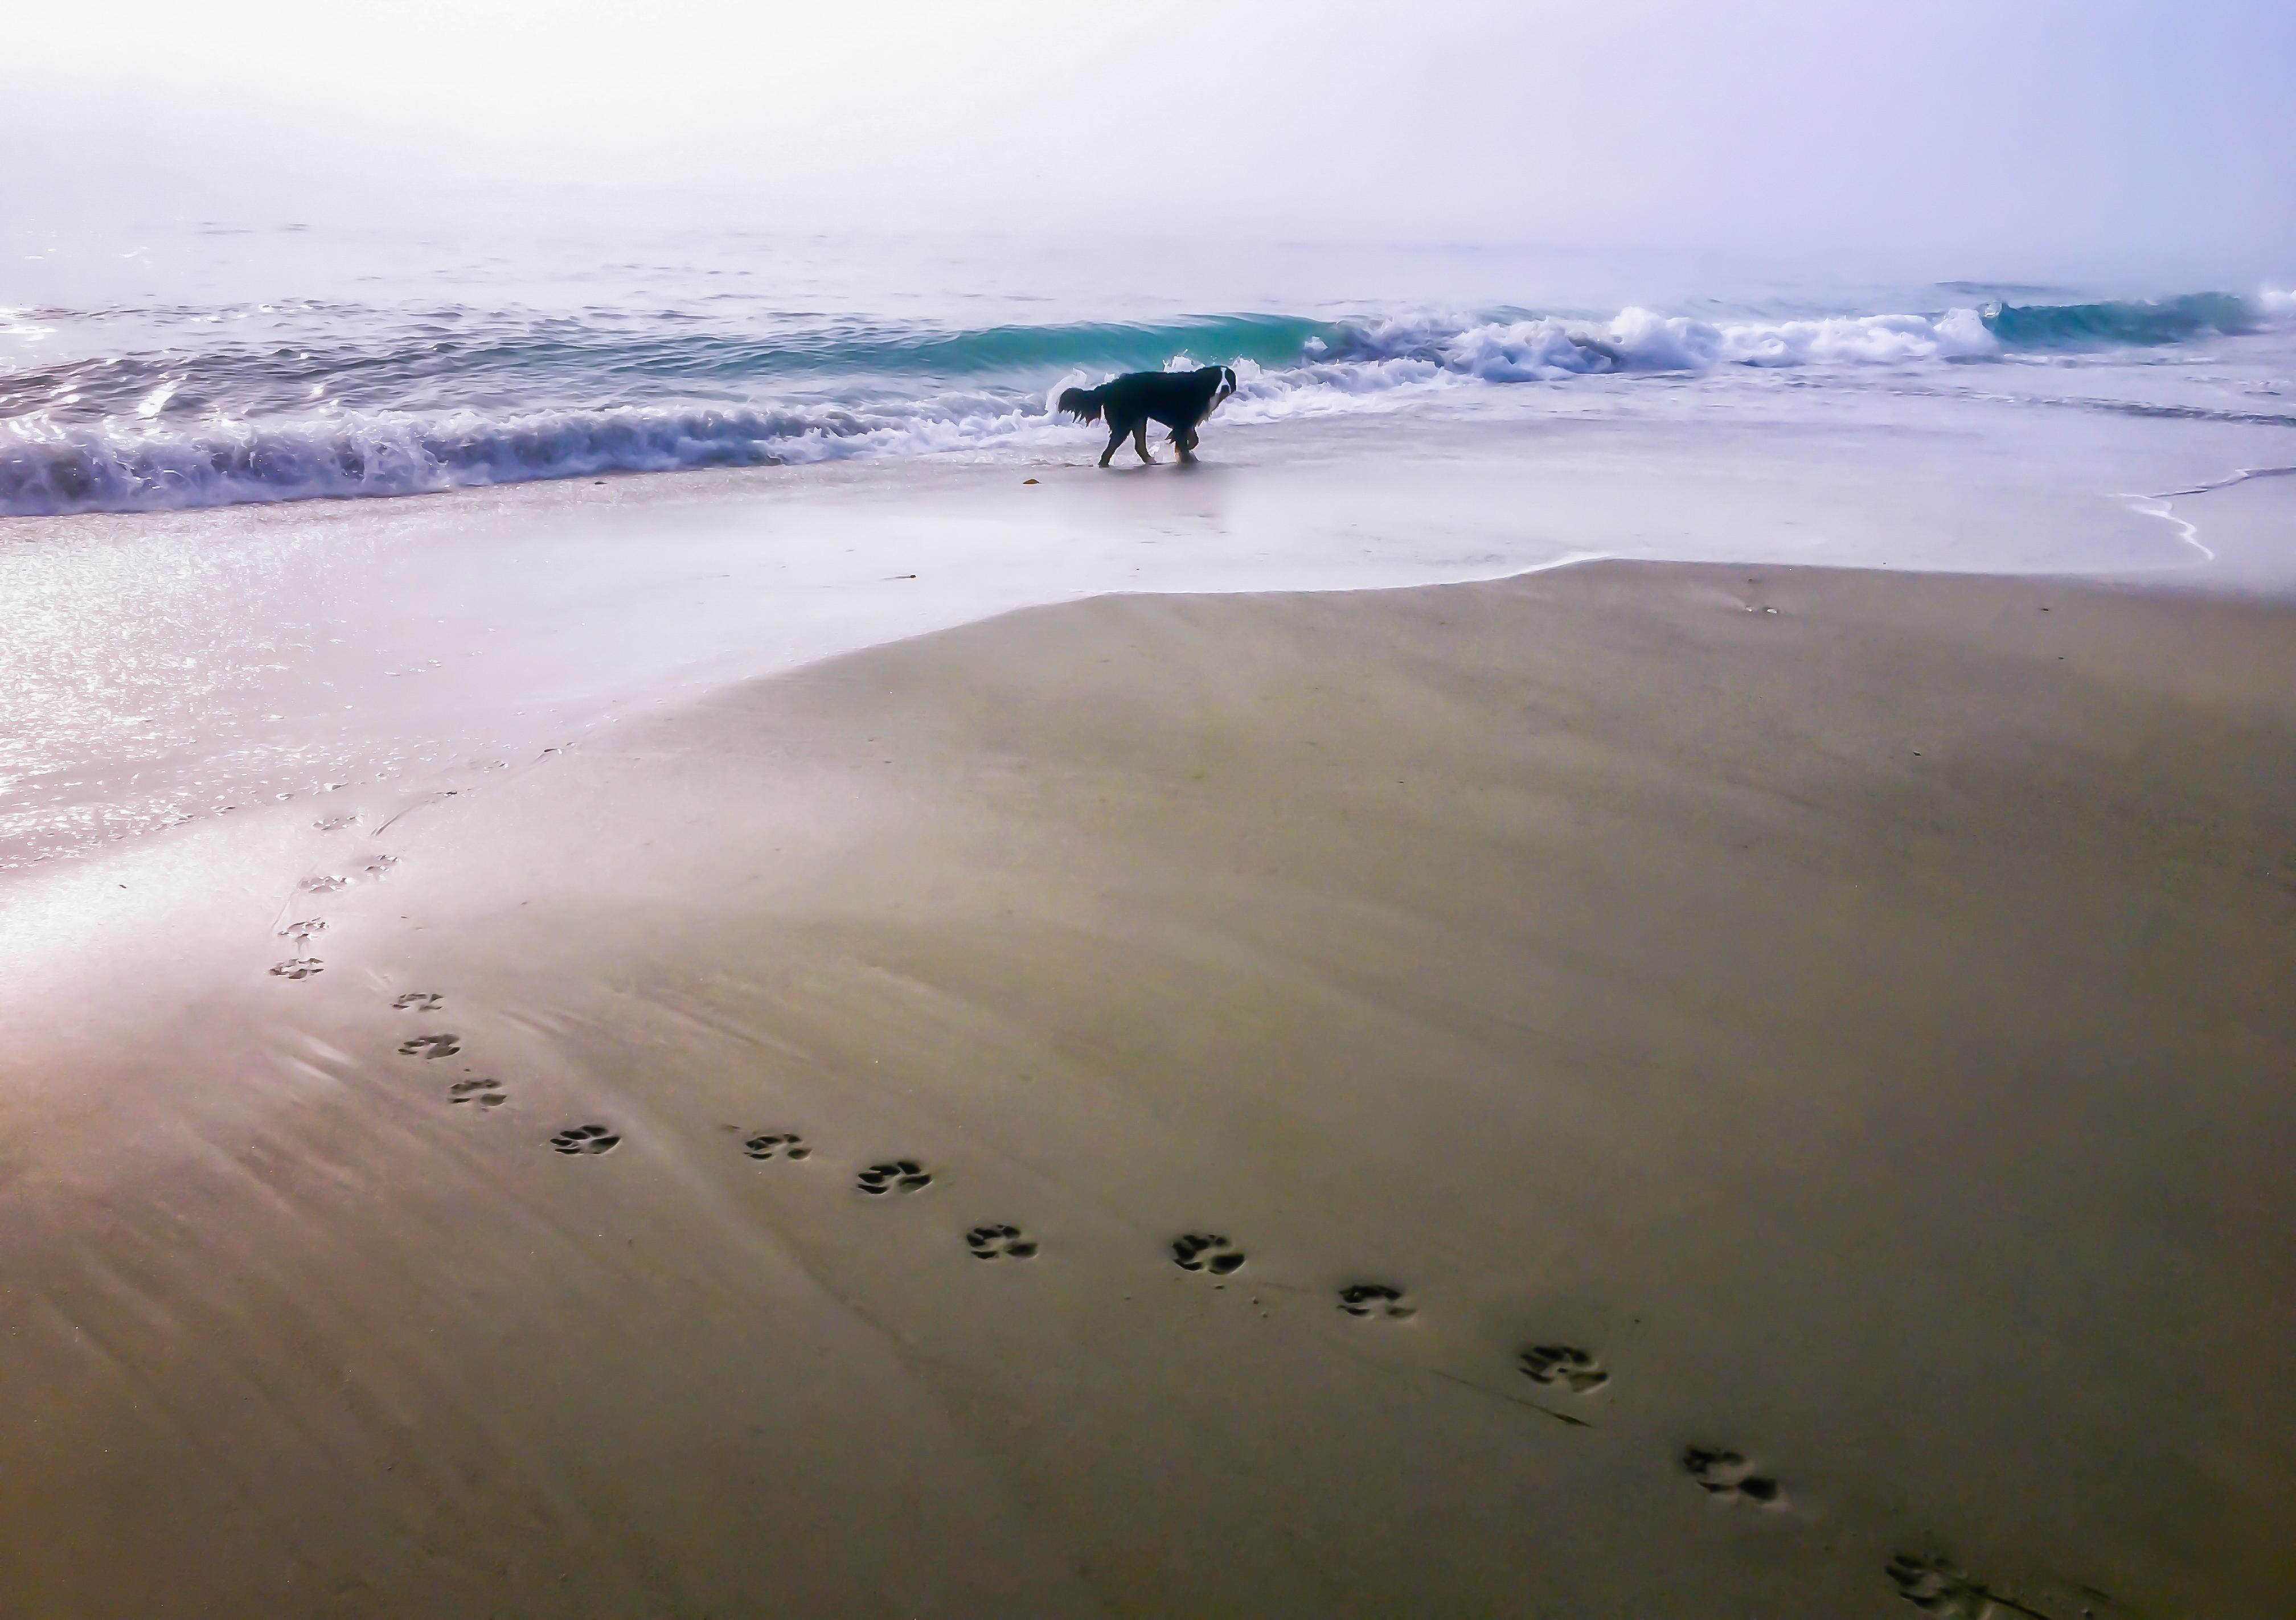 Berner at the Beach